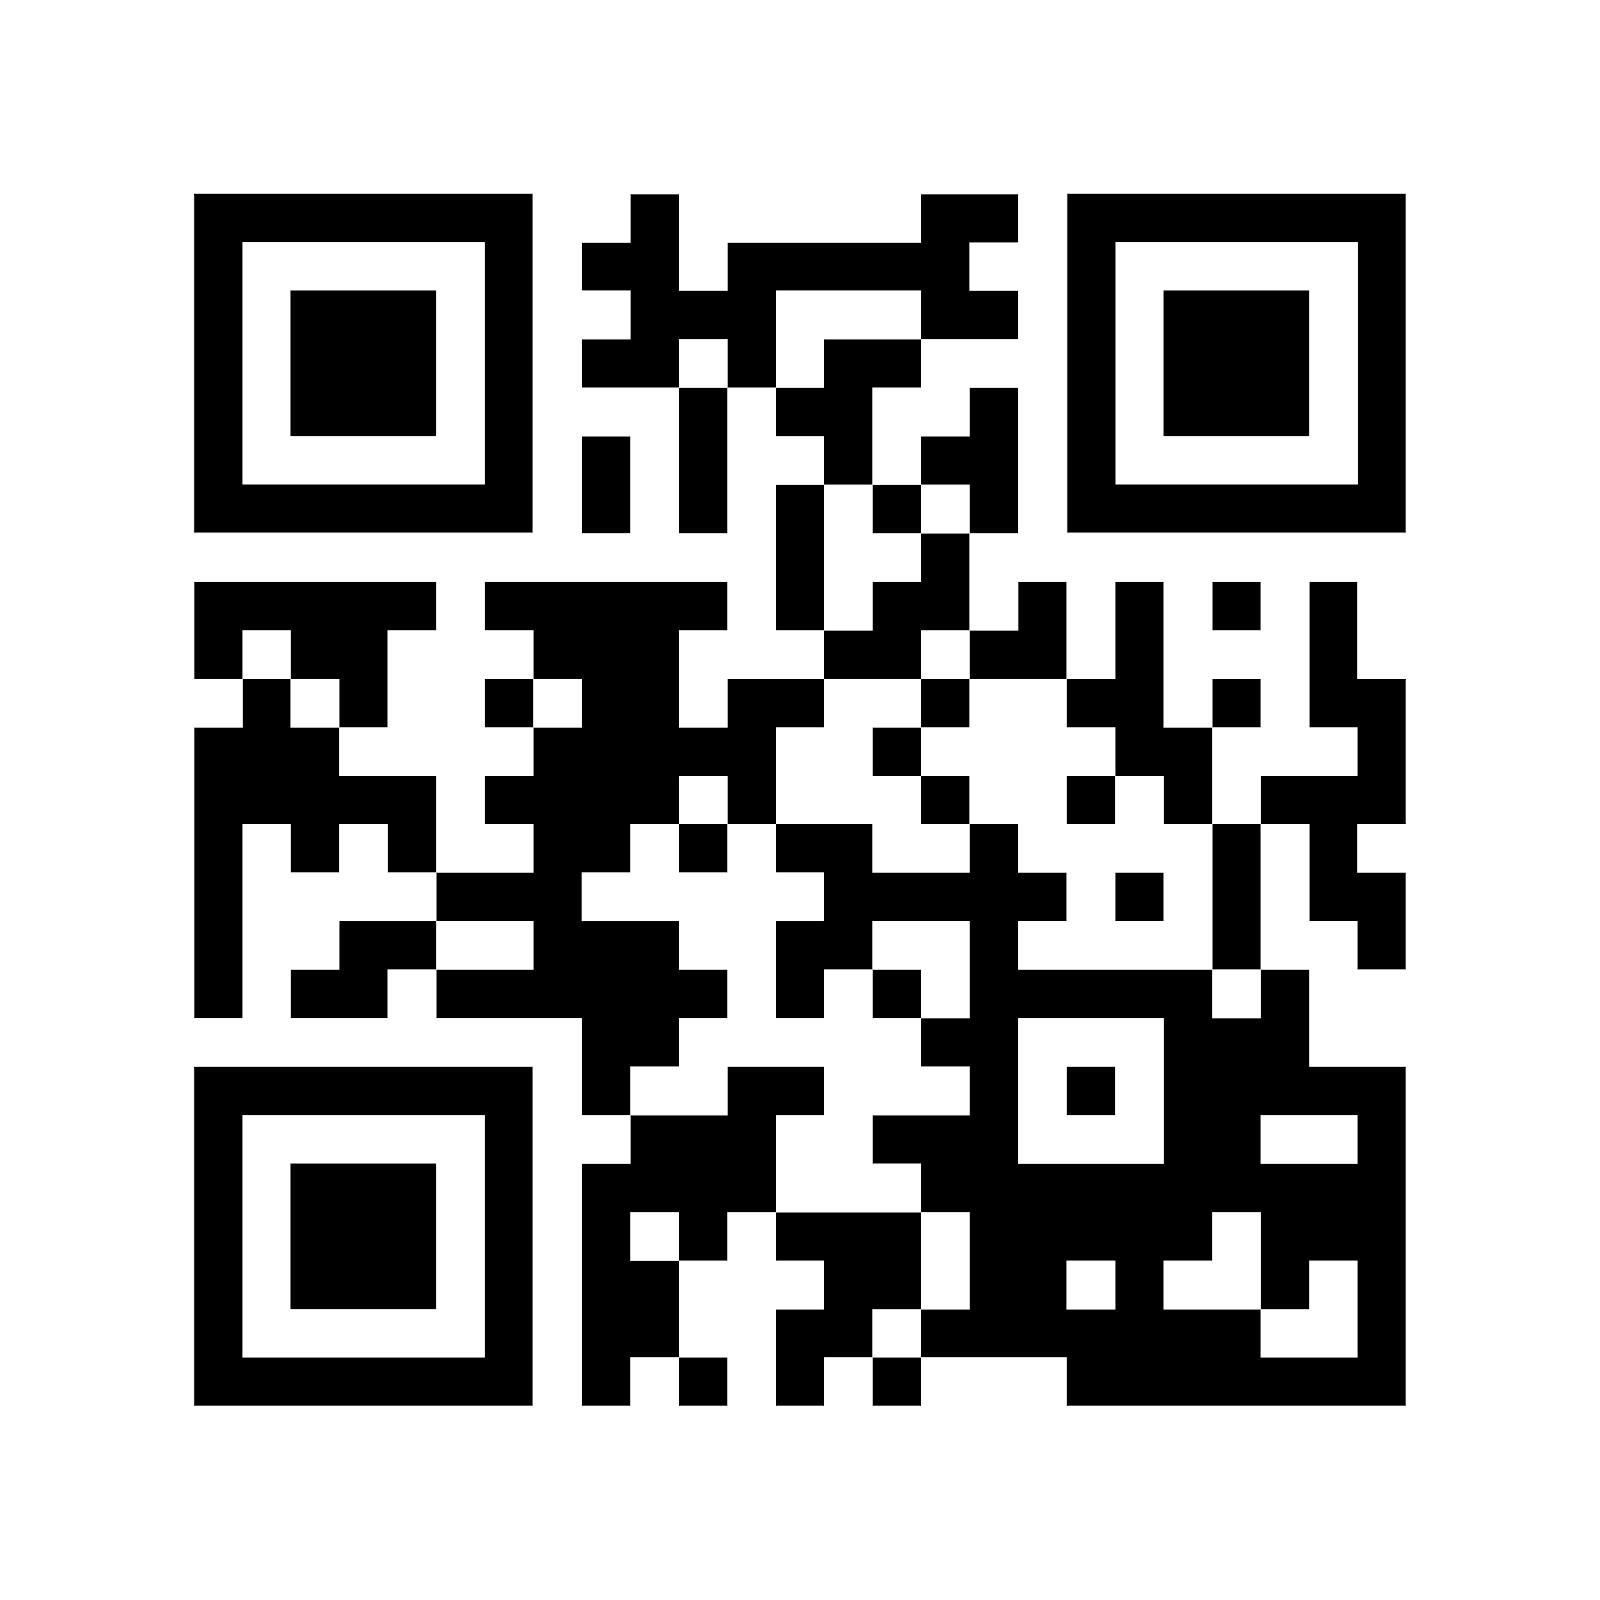 http_www.nga.gov_content_ngaweb_Collection_artist-info.1391.html.png